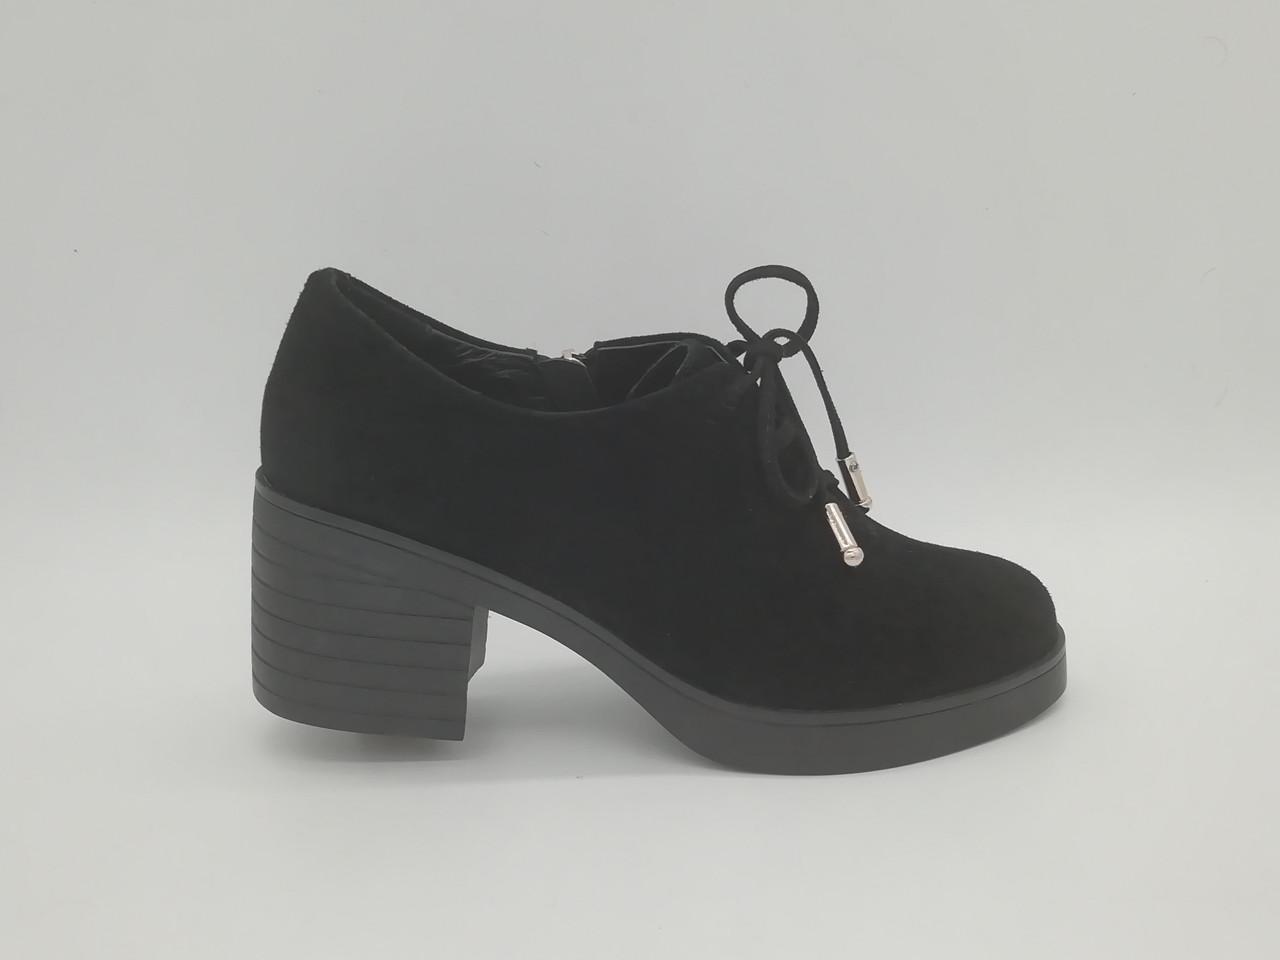 Туфлі замшеві зі шнурками на товстій підошві. Маленькі розміри ( 33 - 35 ).